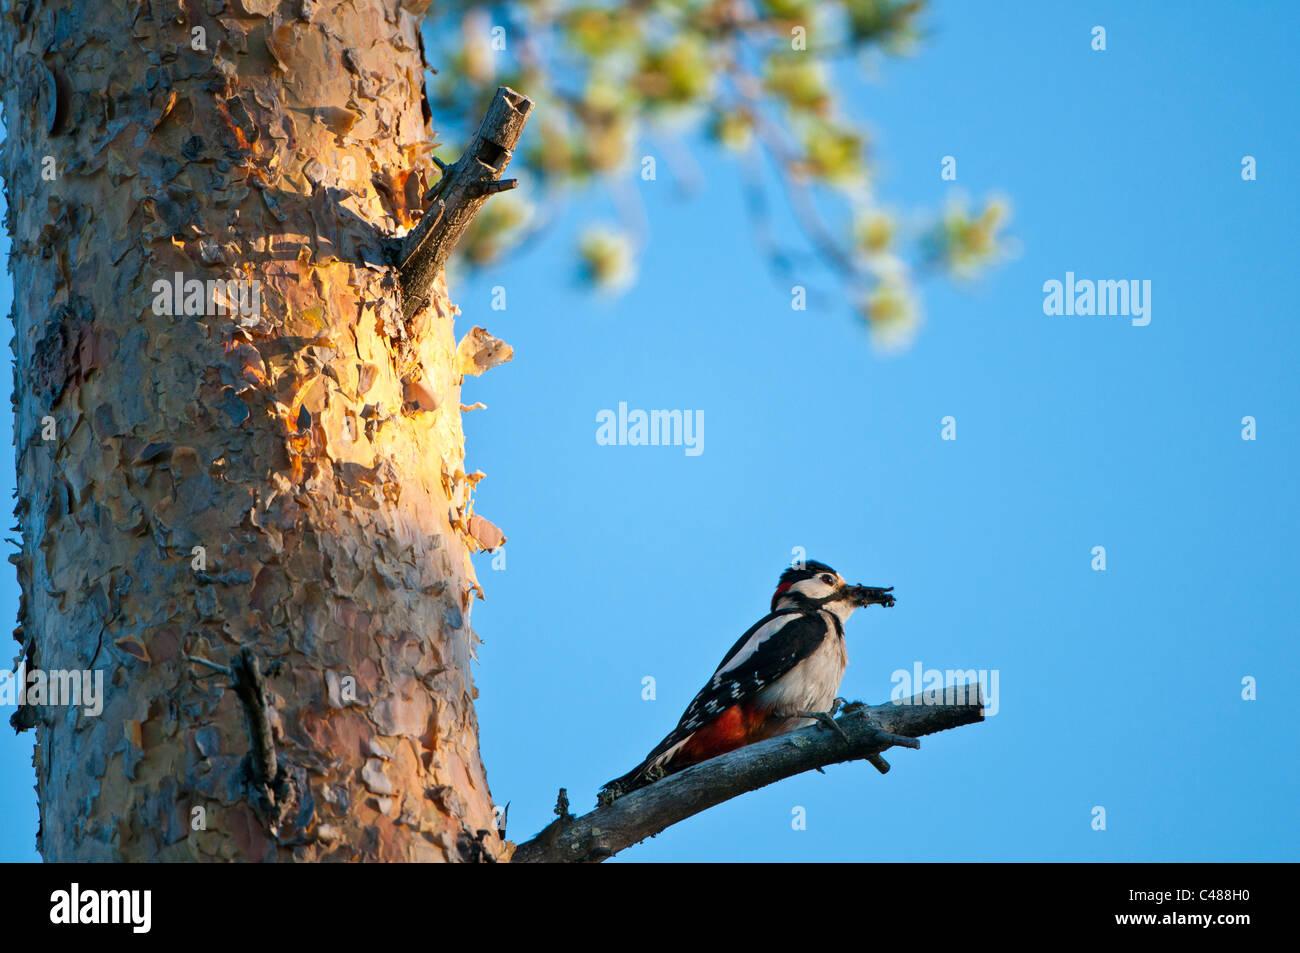 Buntspecht, Maennchen, Dendrocopus major, Great Spotted Woodpecker, male, Rena, Hedmark, Norwegen - Stock Image